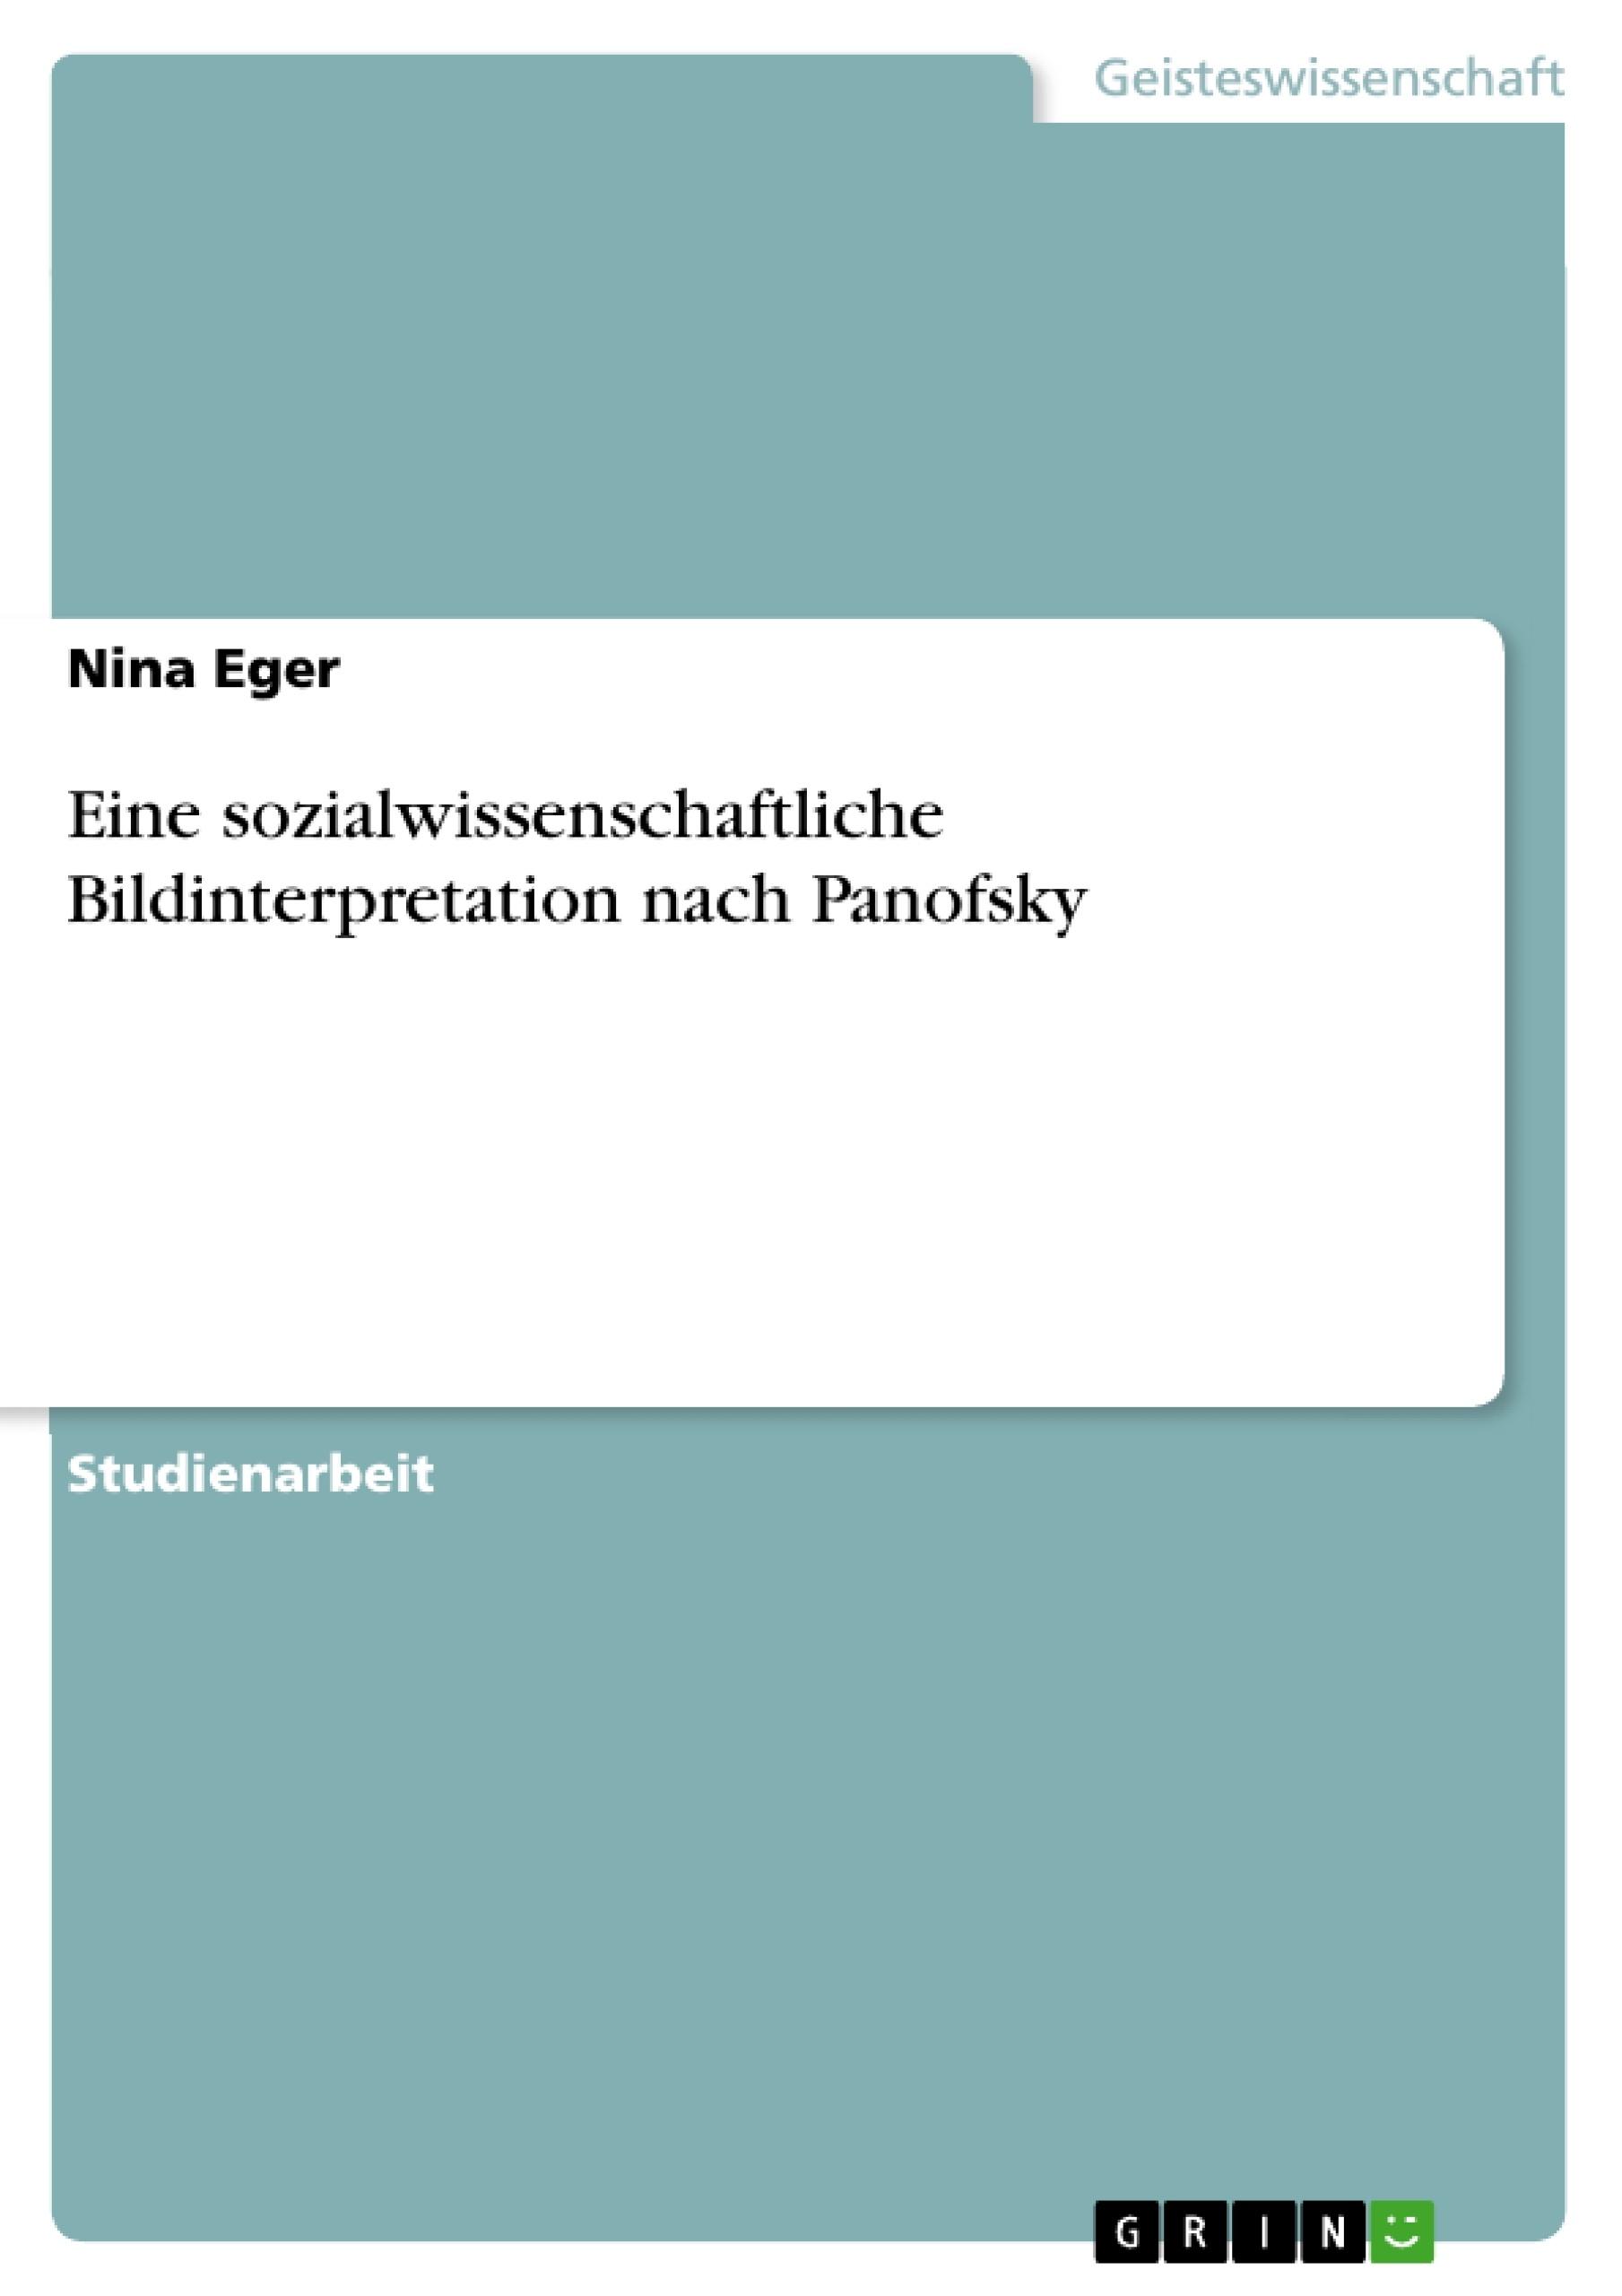 Titel: Eine sozialwissenschaftliche Bildinterpretation nach Panofsky